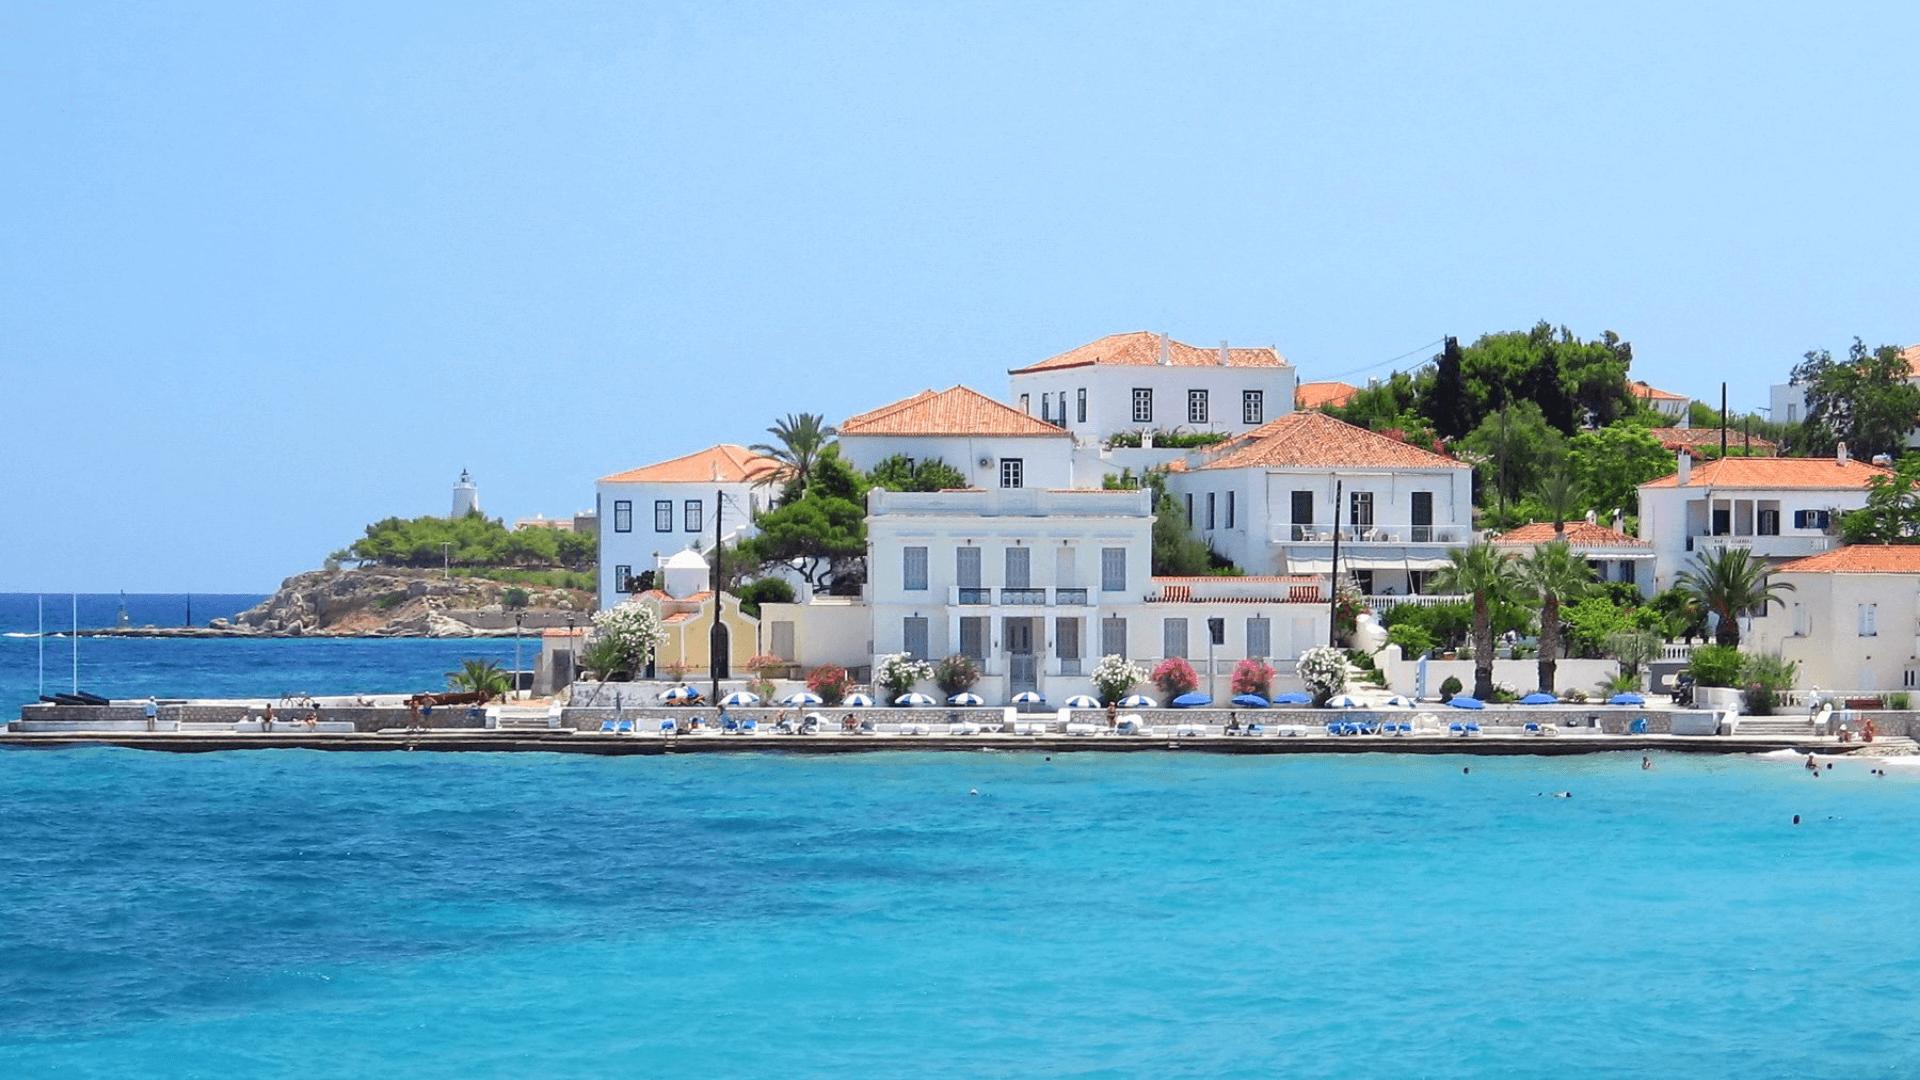 Yunanistan'da Yelkenli ile Gidebileceğiniz En Güzel Adalar